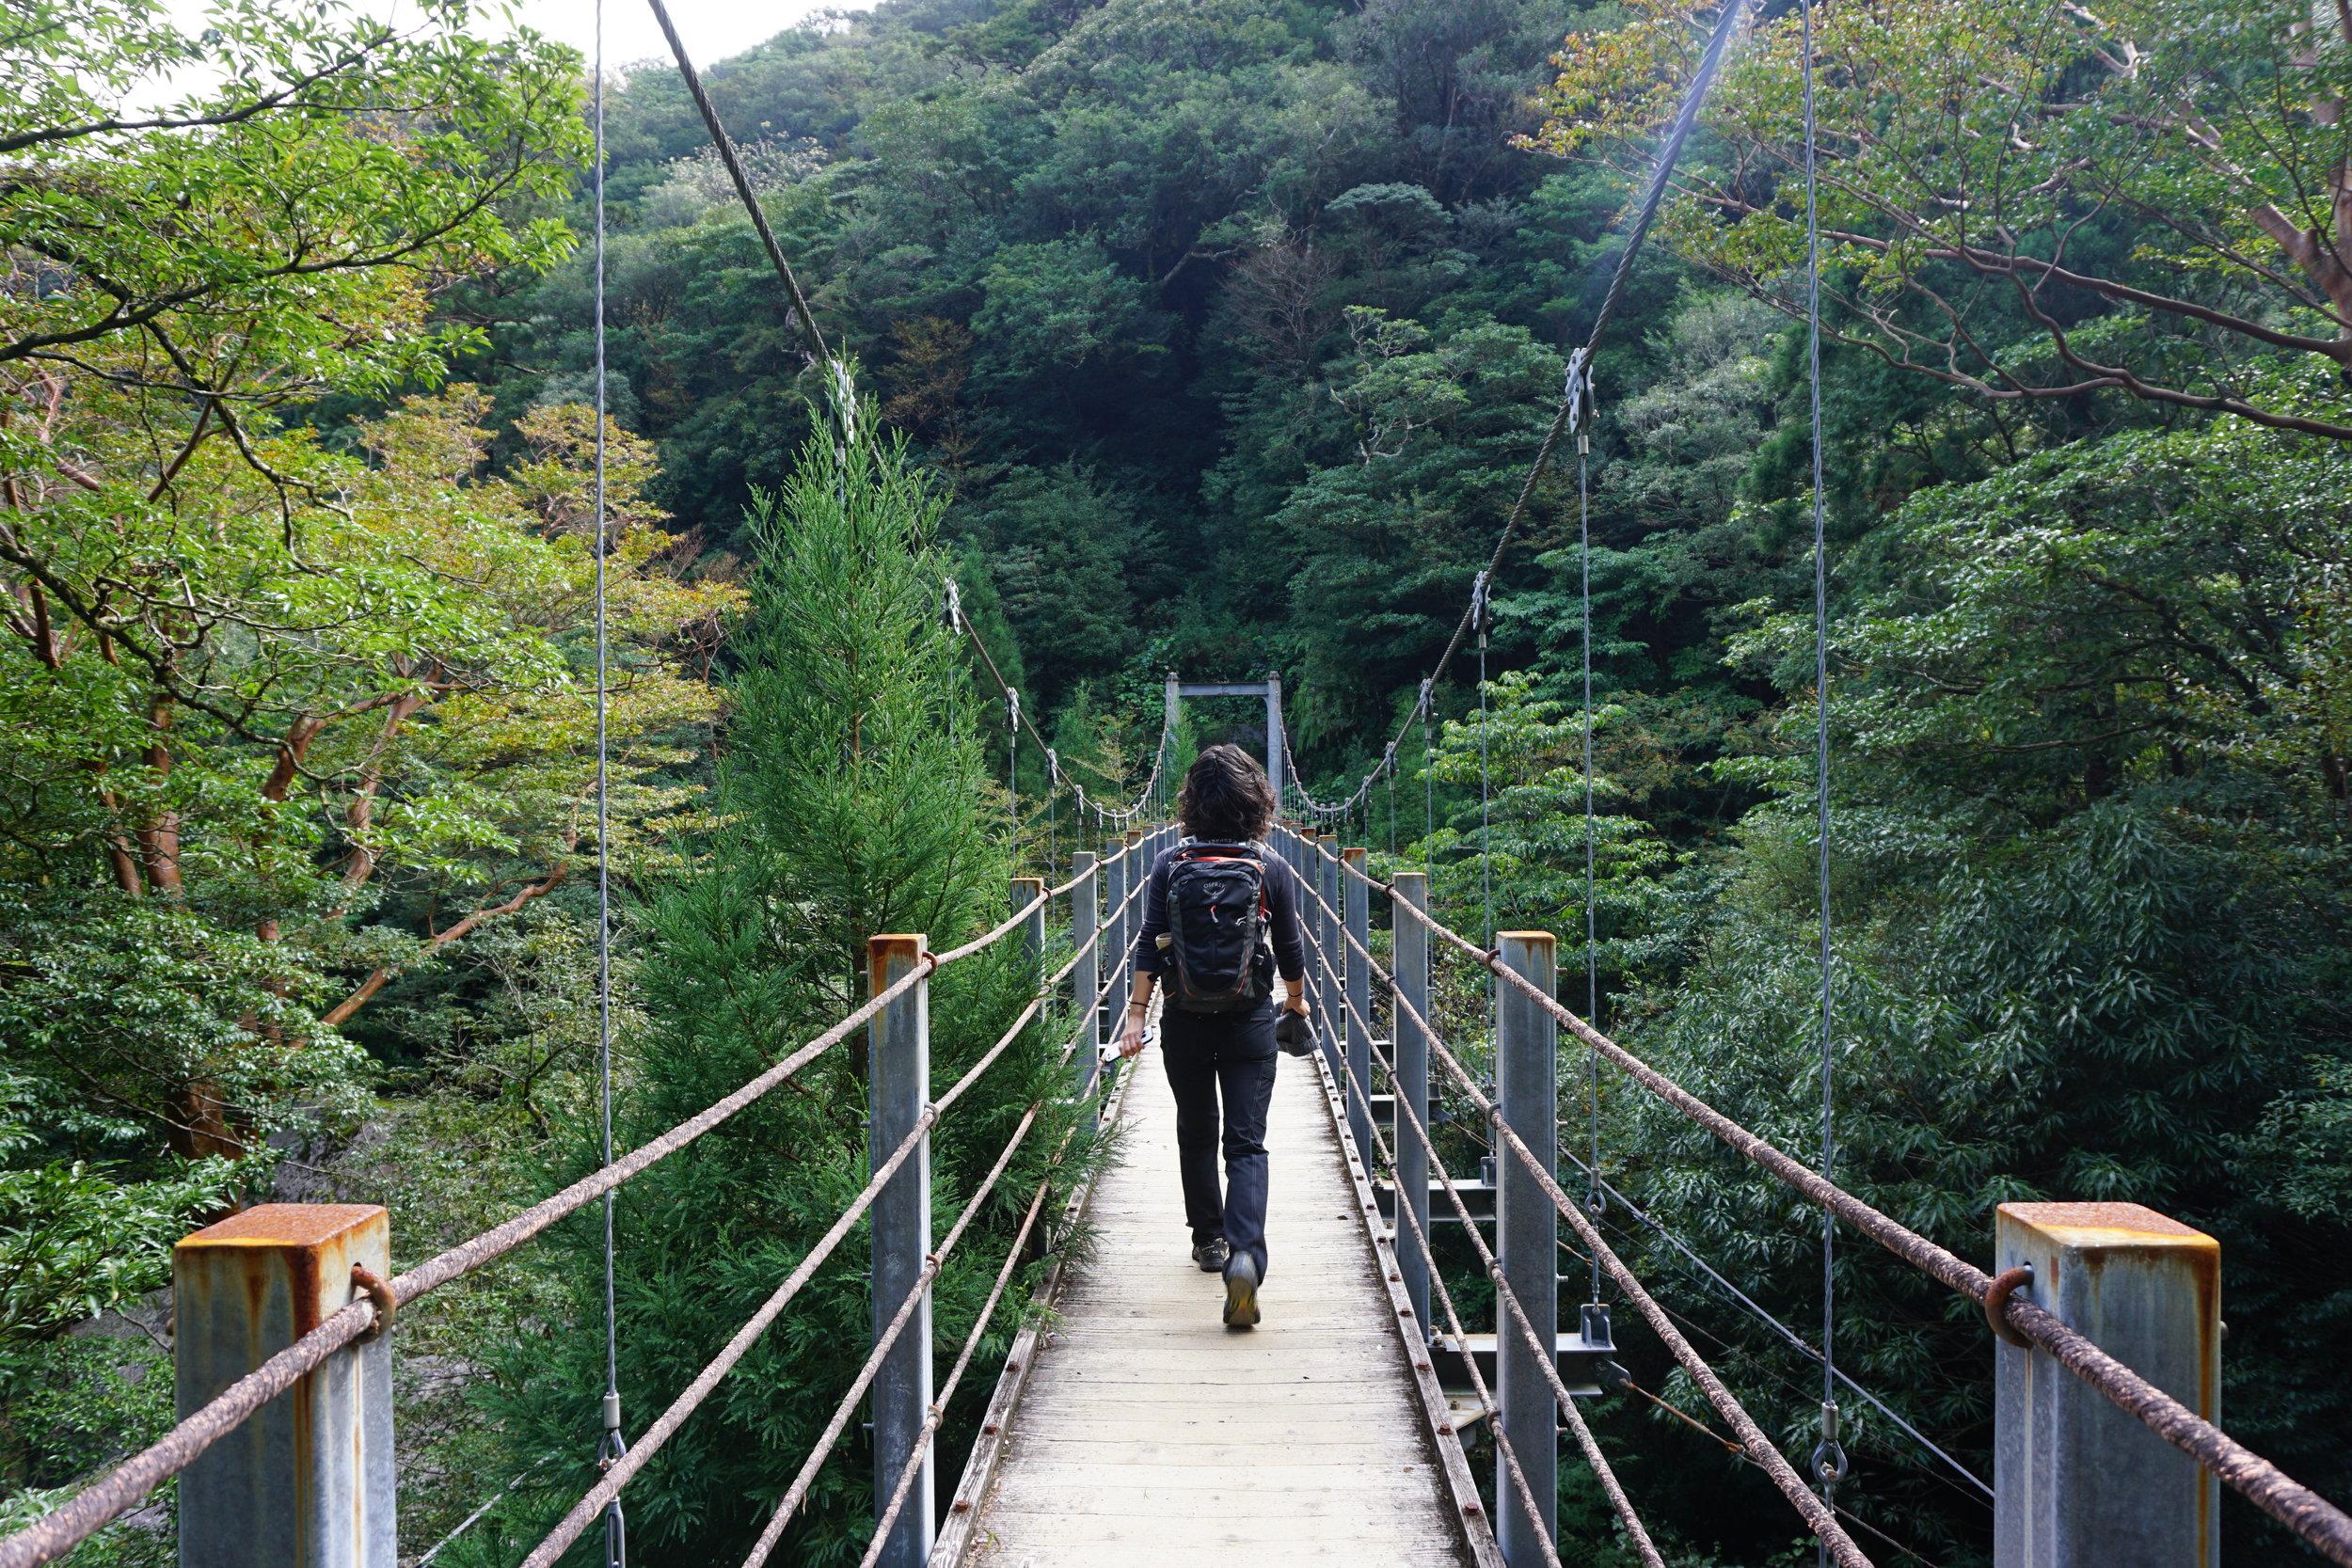 Hiking into Shirataniunsuikyo.